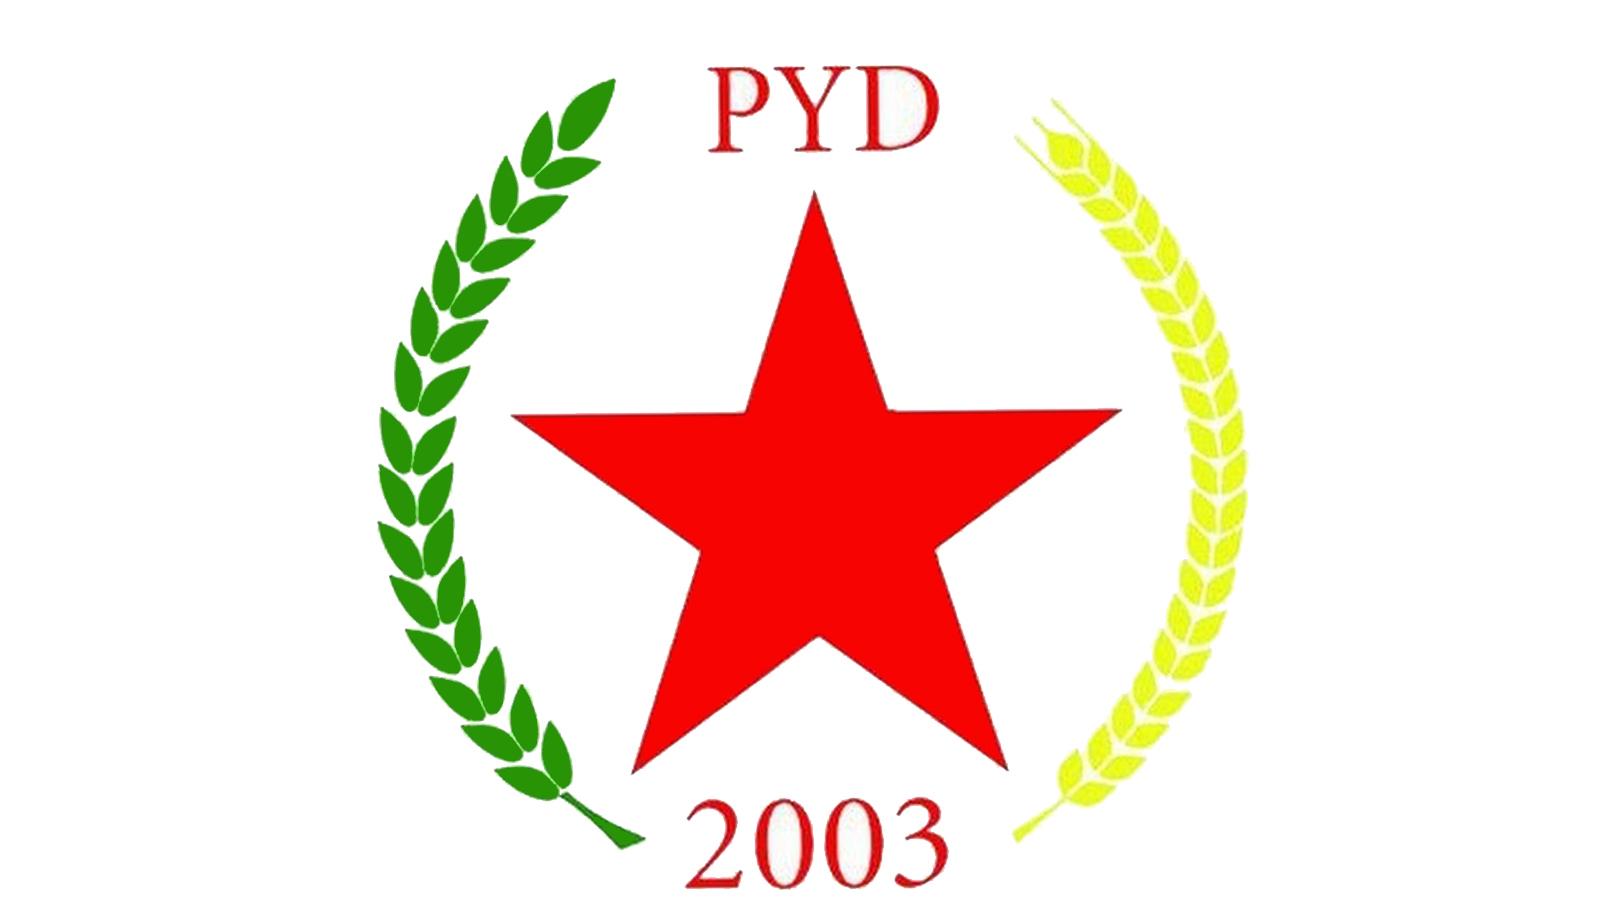 Photo of PYD: LI HEMBERÎ ARÎŞEYAN BERPIRSYARÎ Û SEKNEKE CIDÎ LAZIME